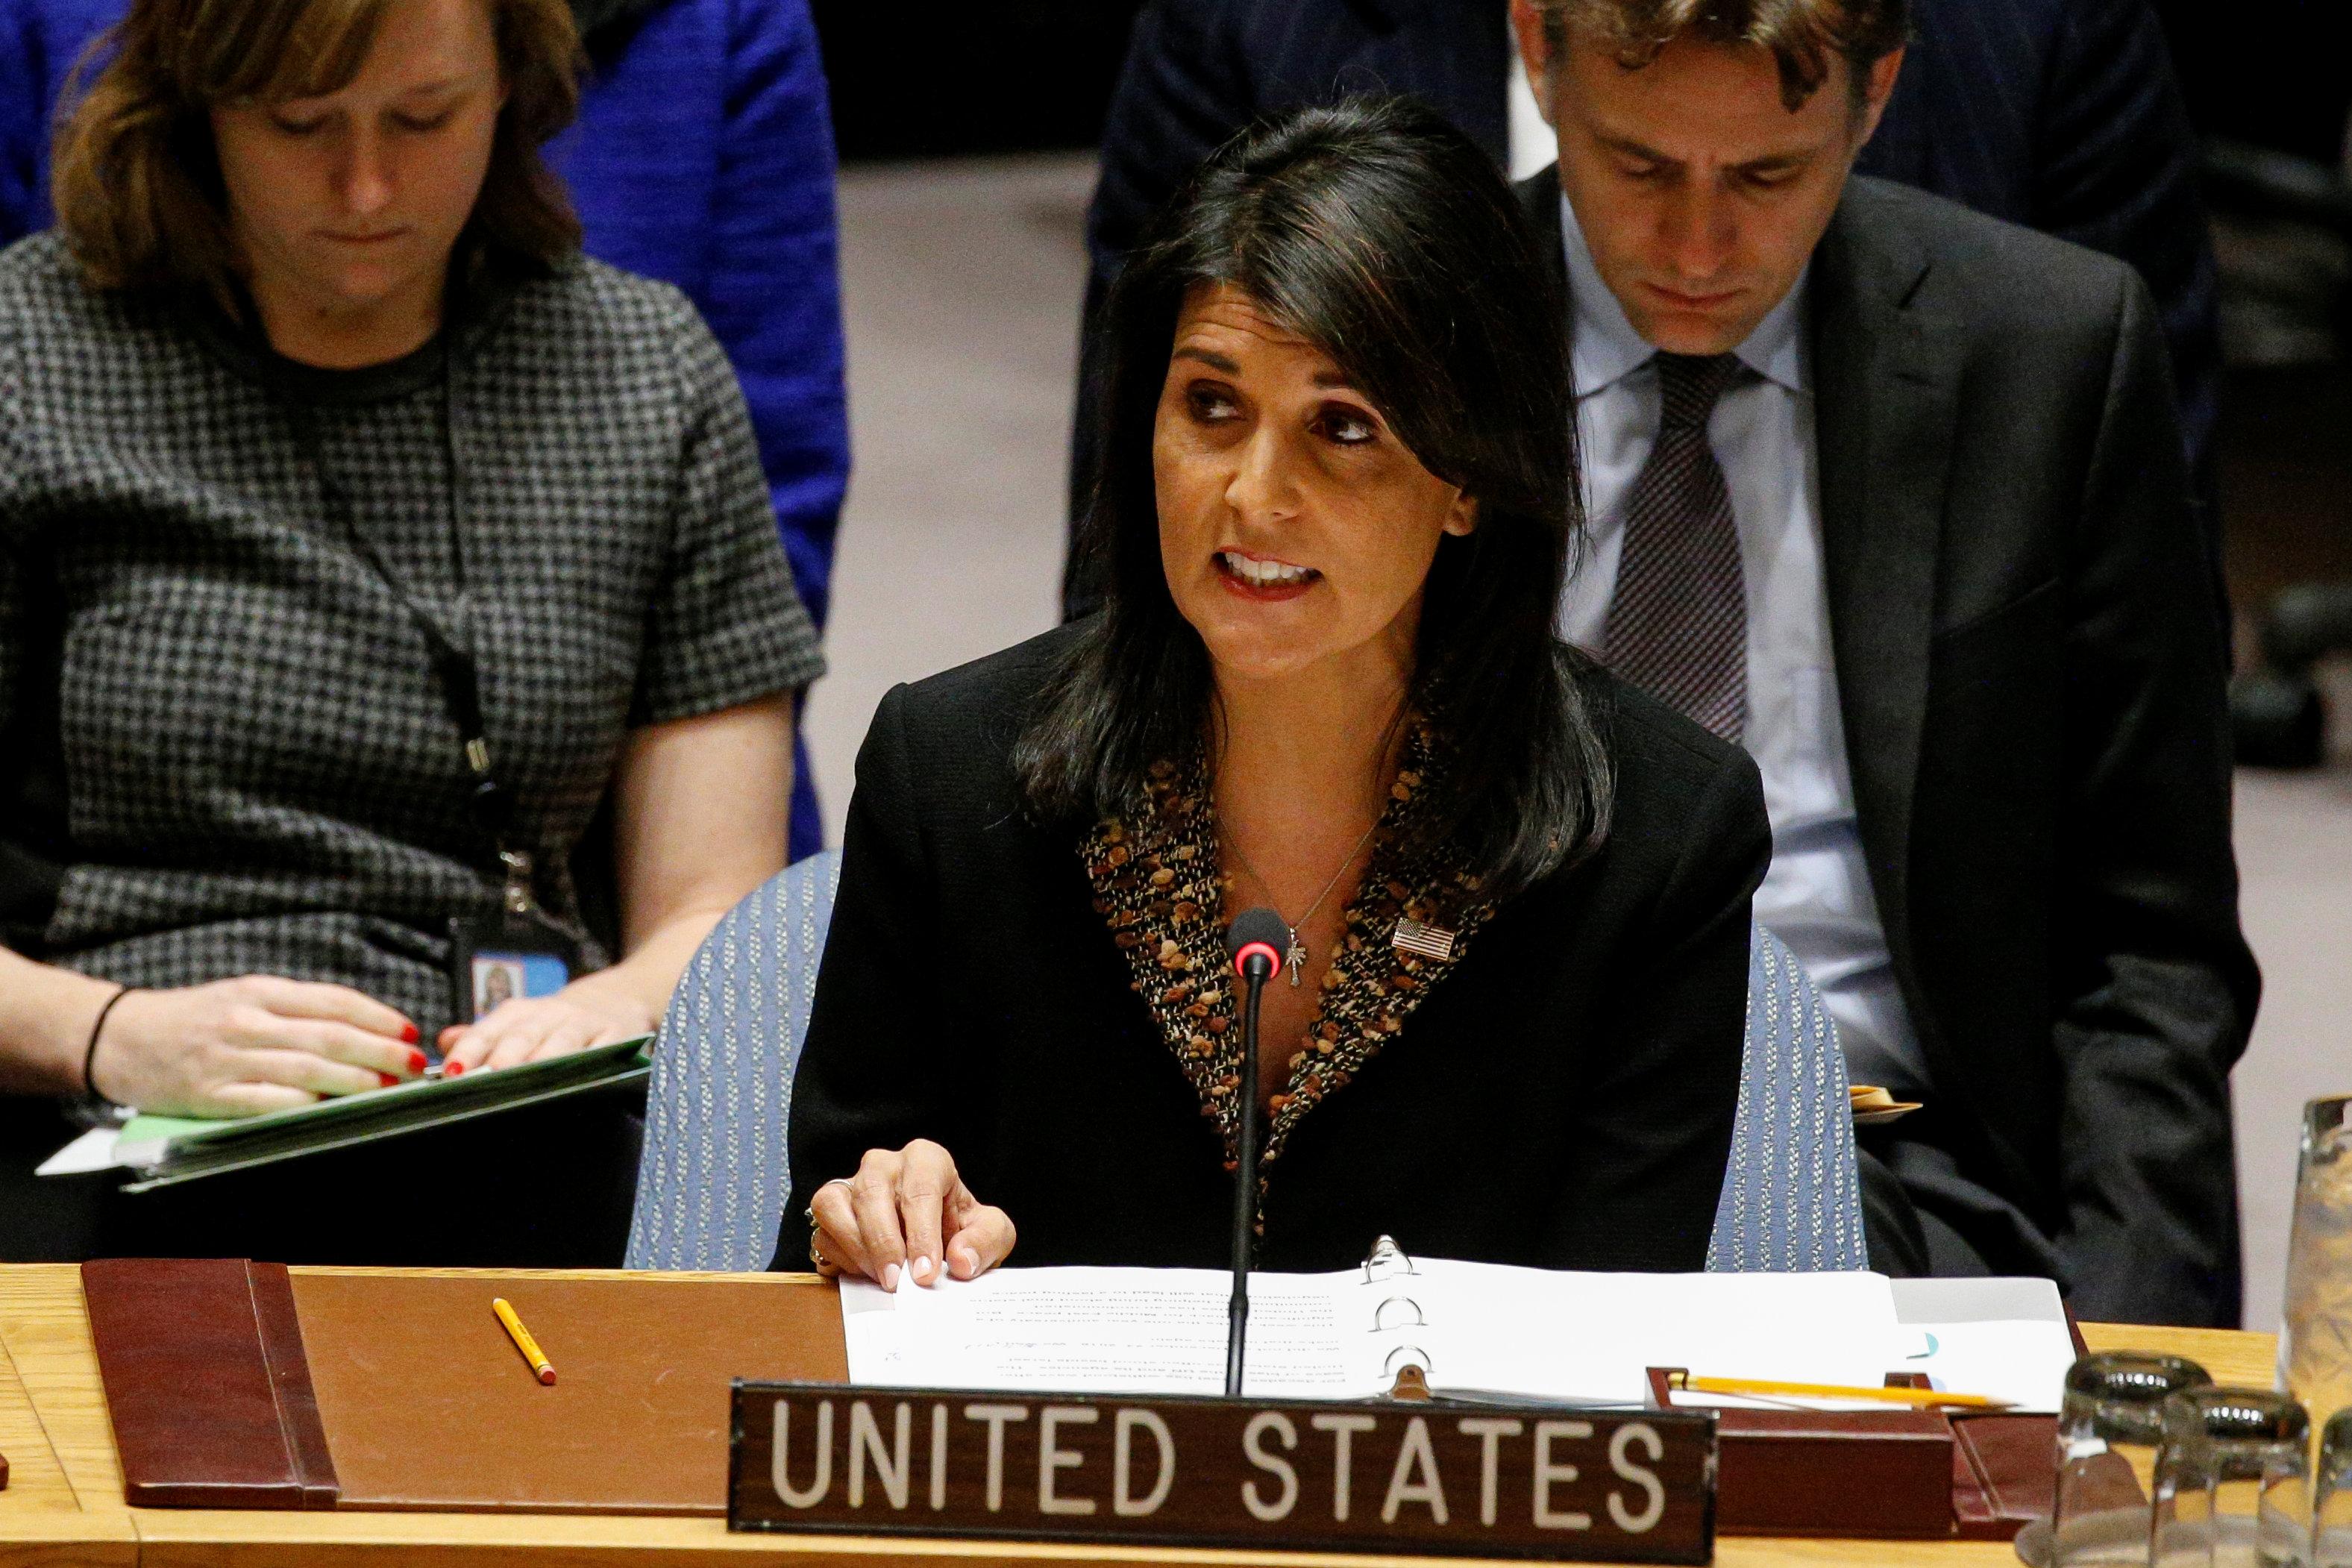 Nikki Haley, embajadoranorteamericana ante la ONU, advirtió que EEUU tiene las armas listas para un nuevo bombardeo si Al Assad comete otra masacre (REUTERS)